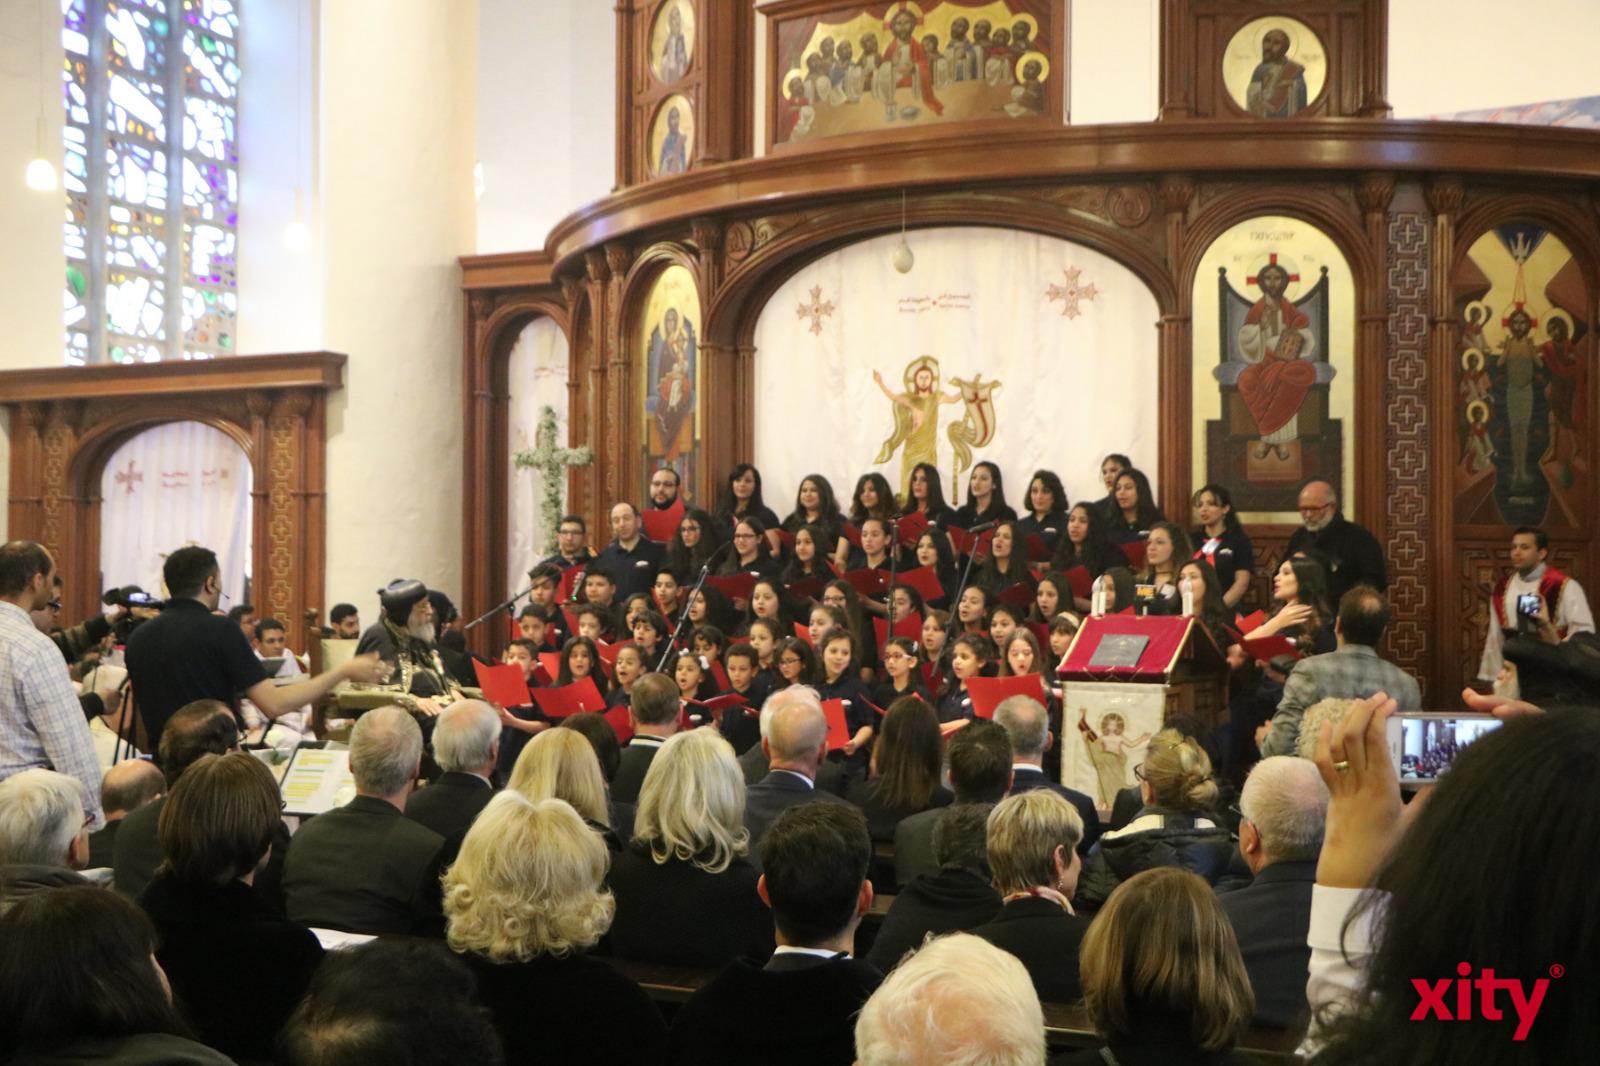 Ein Kinderchor singt für den Papst in der Bunkerkirche. (Foto: xity)